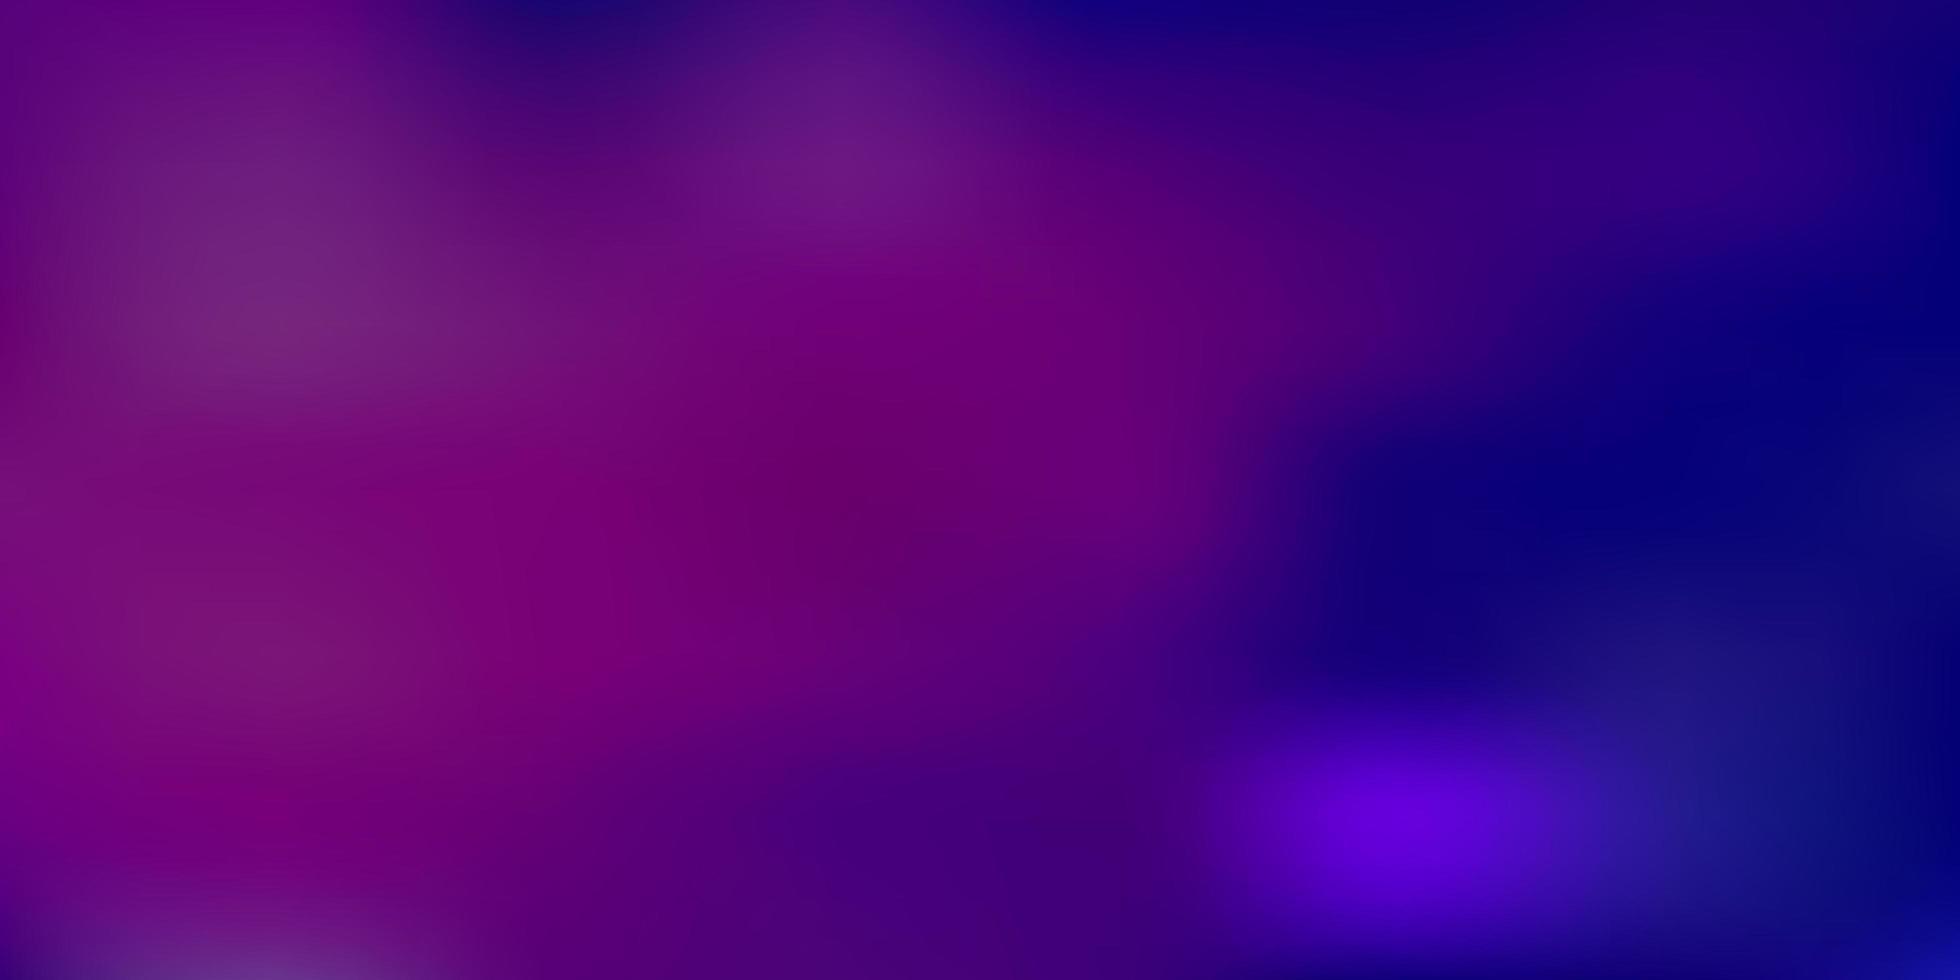 Fondo de desenfoque de vector rosa claro, azul.